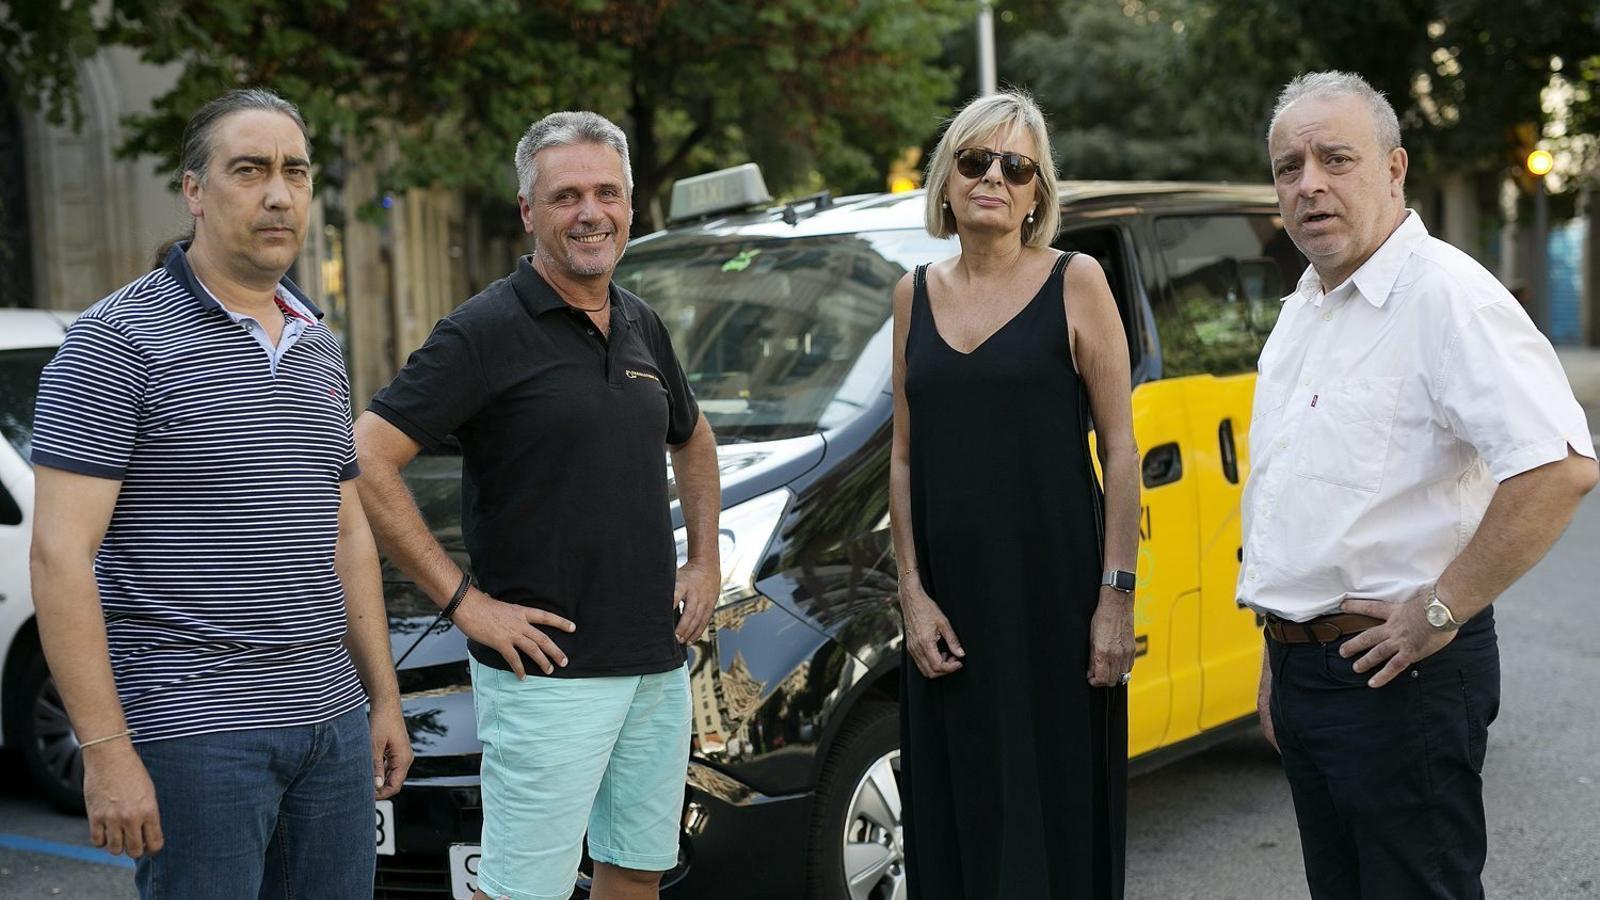 Quatre professionals del taxi debaten la irrupció d'Uber i la situació del sector. / PERE TORDERA